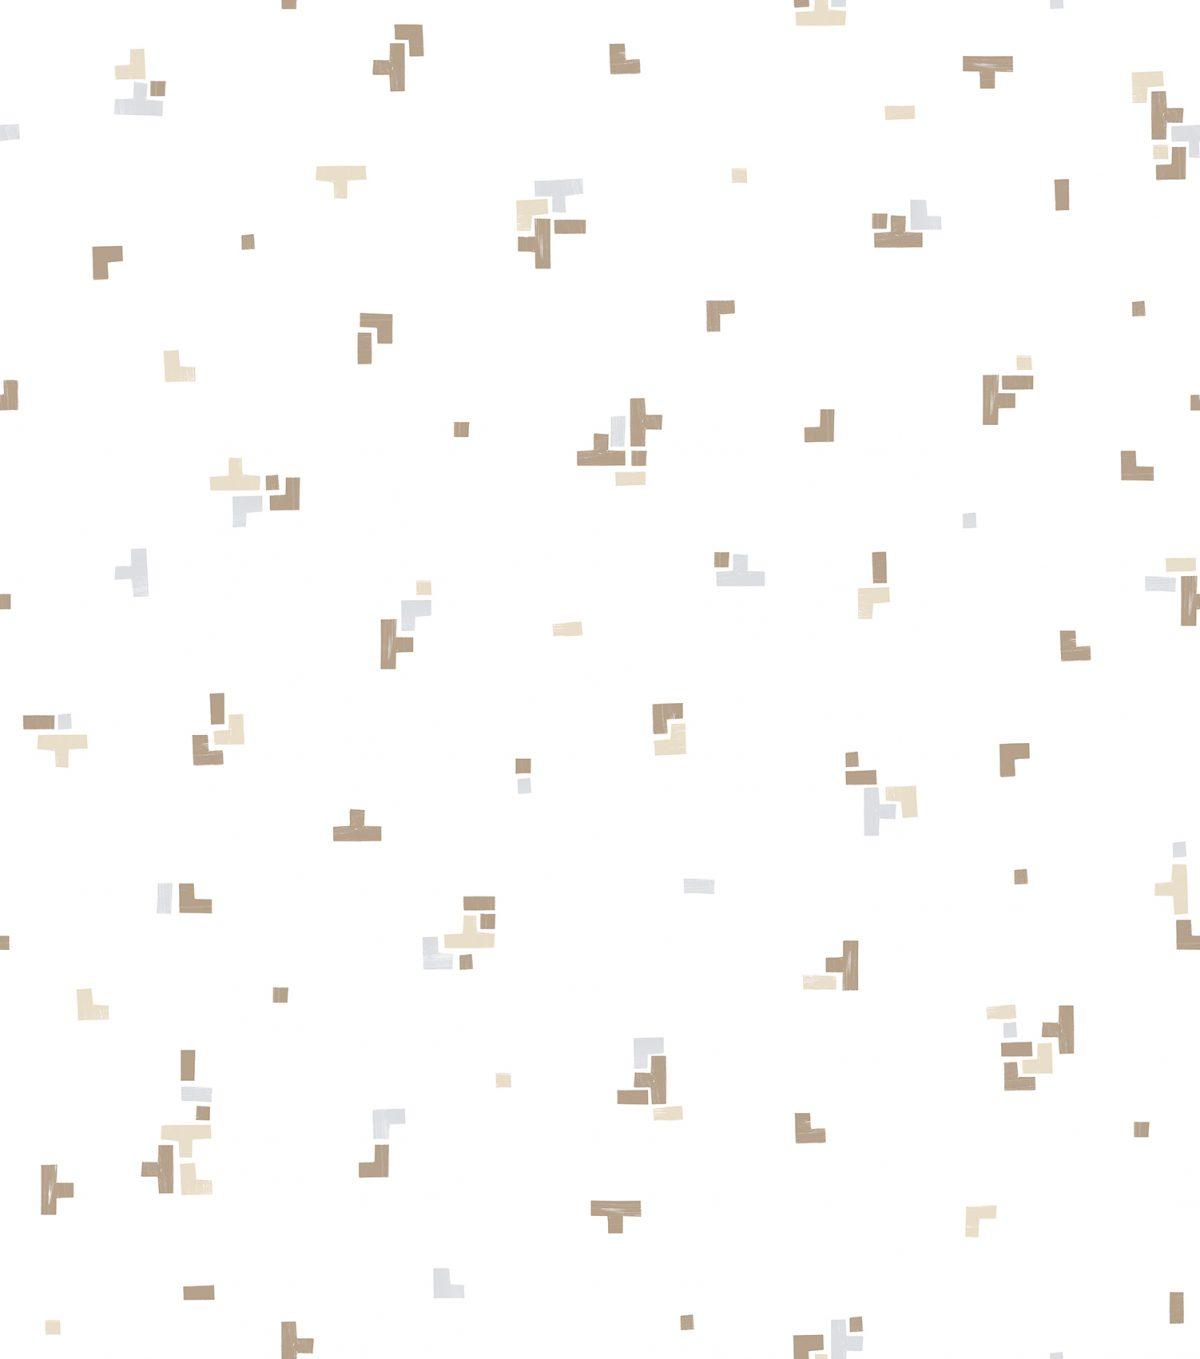 Papel de parede geométrico